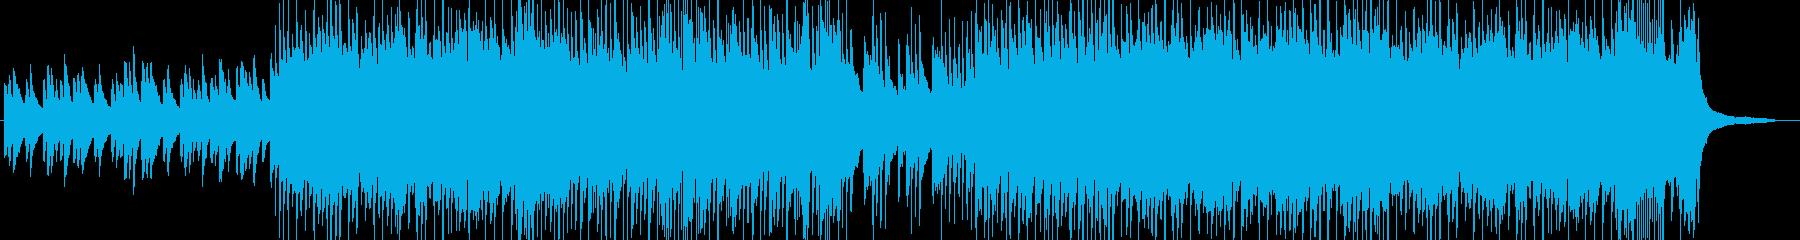 子供が戯れるイメージの和曲の再生済みの波形